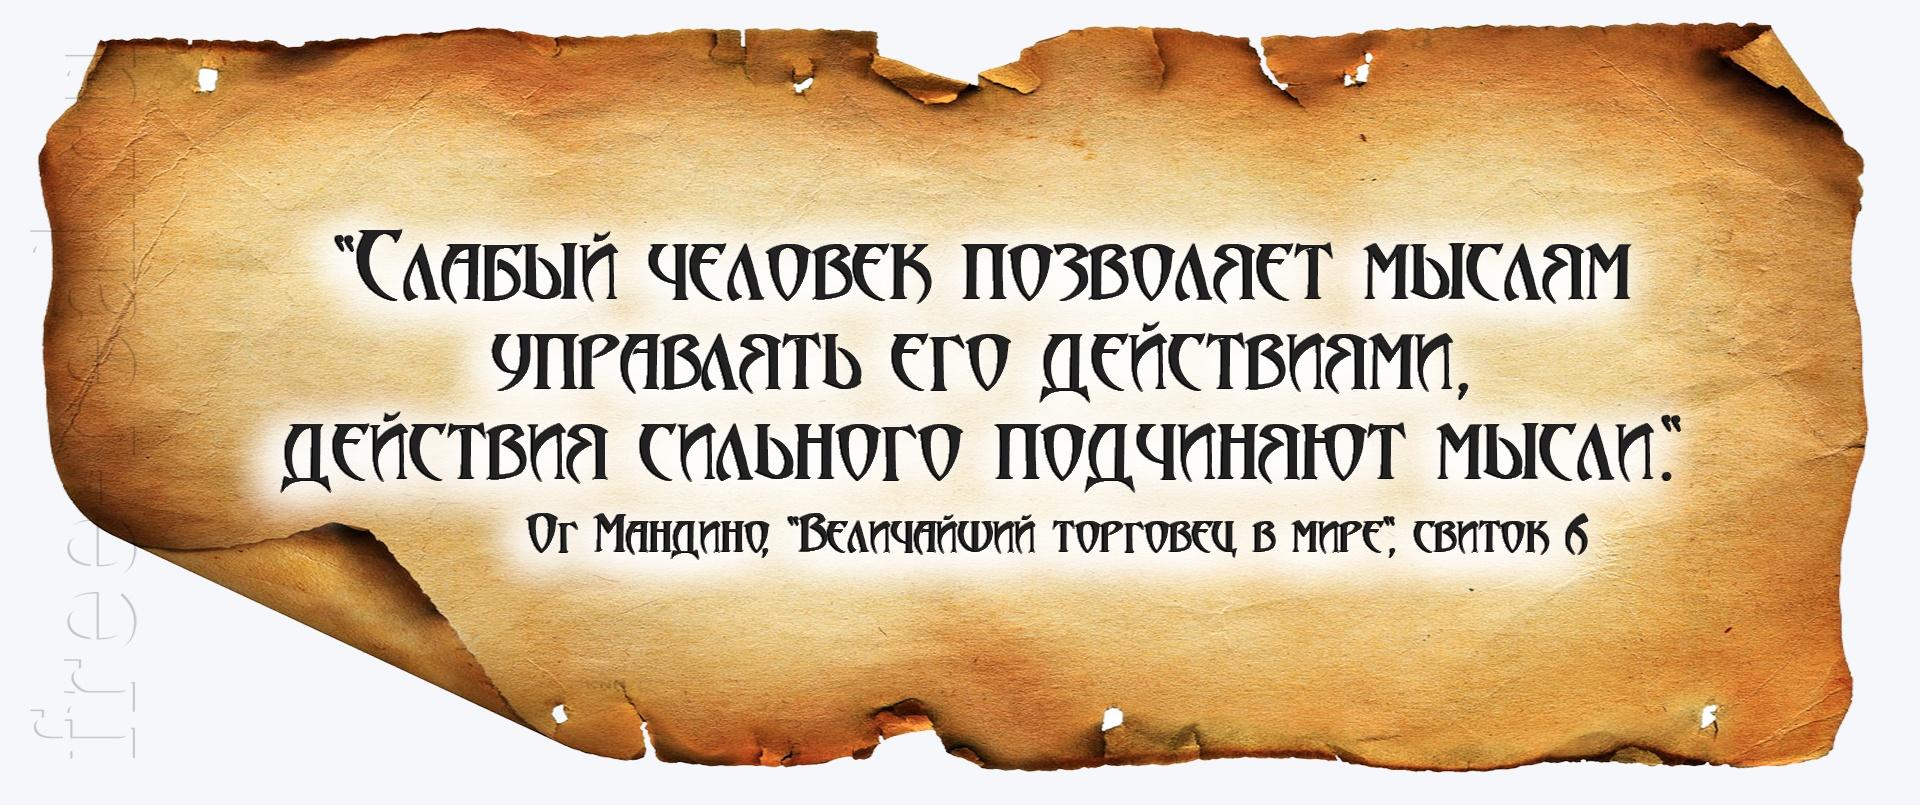 ог мандино величайший торговец в мире цитаты, ог мандино цитаты, величайший торговец в миру цитаты, ог мандино,